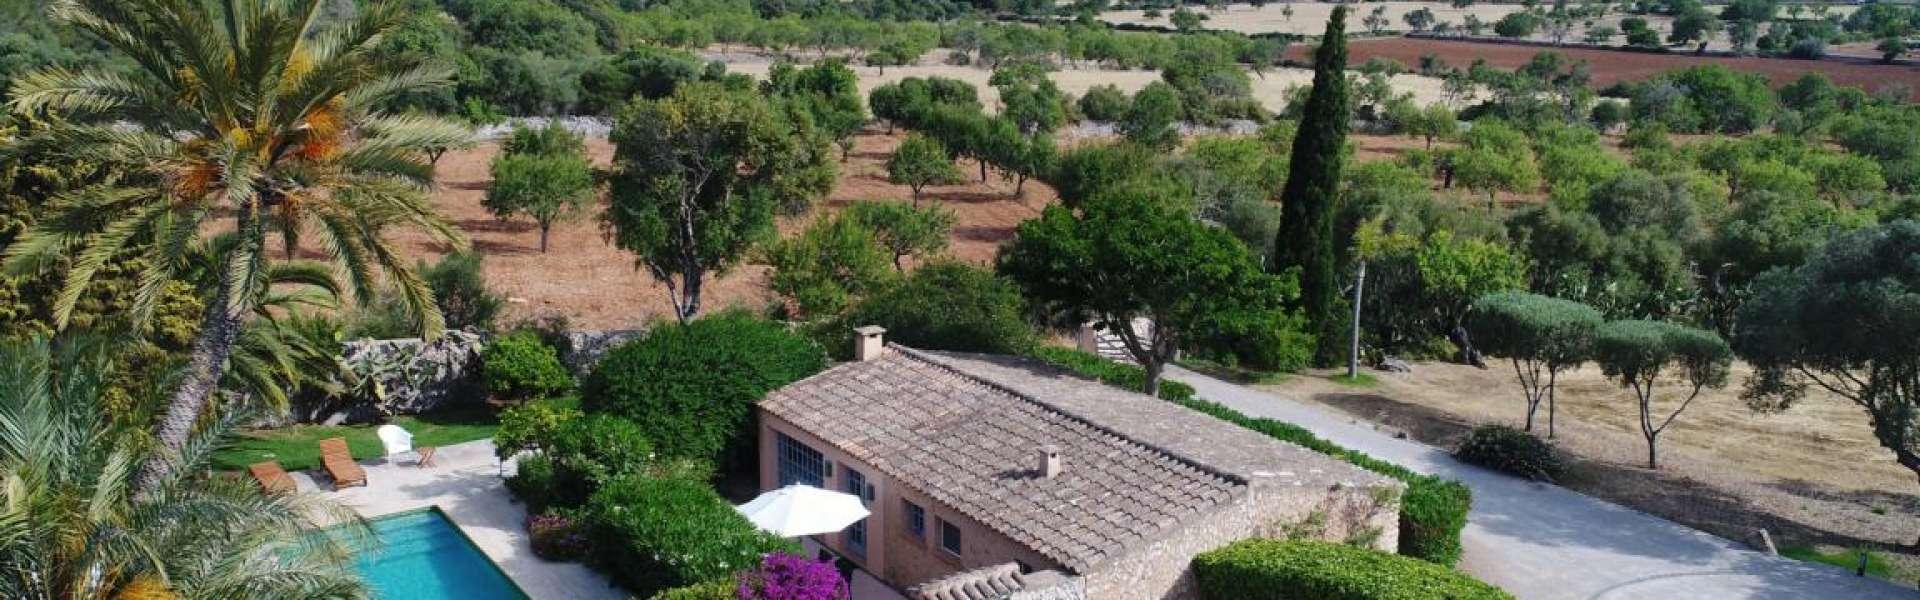 Finca Anwesen in traumhafter Lage zwischen Alqueria Blanca und Cas Concos